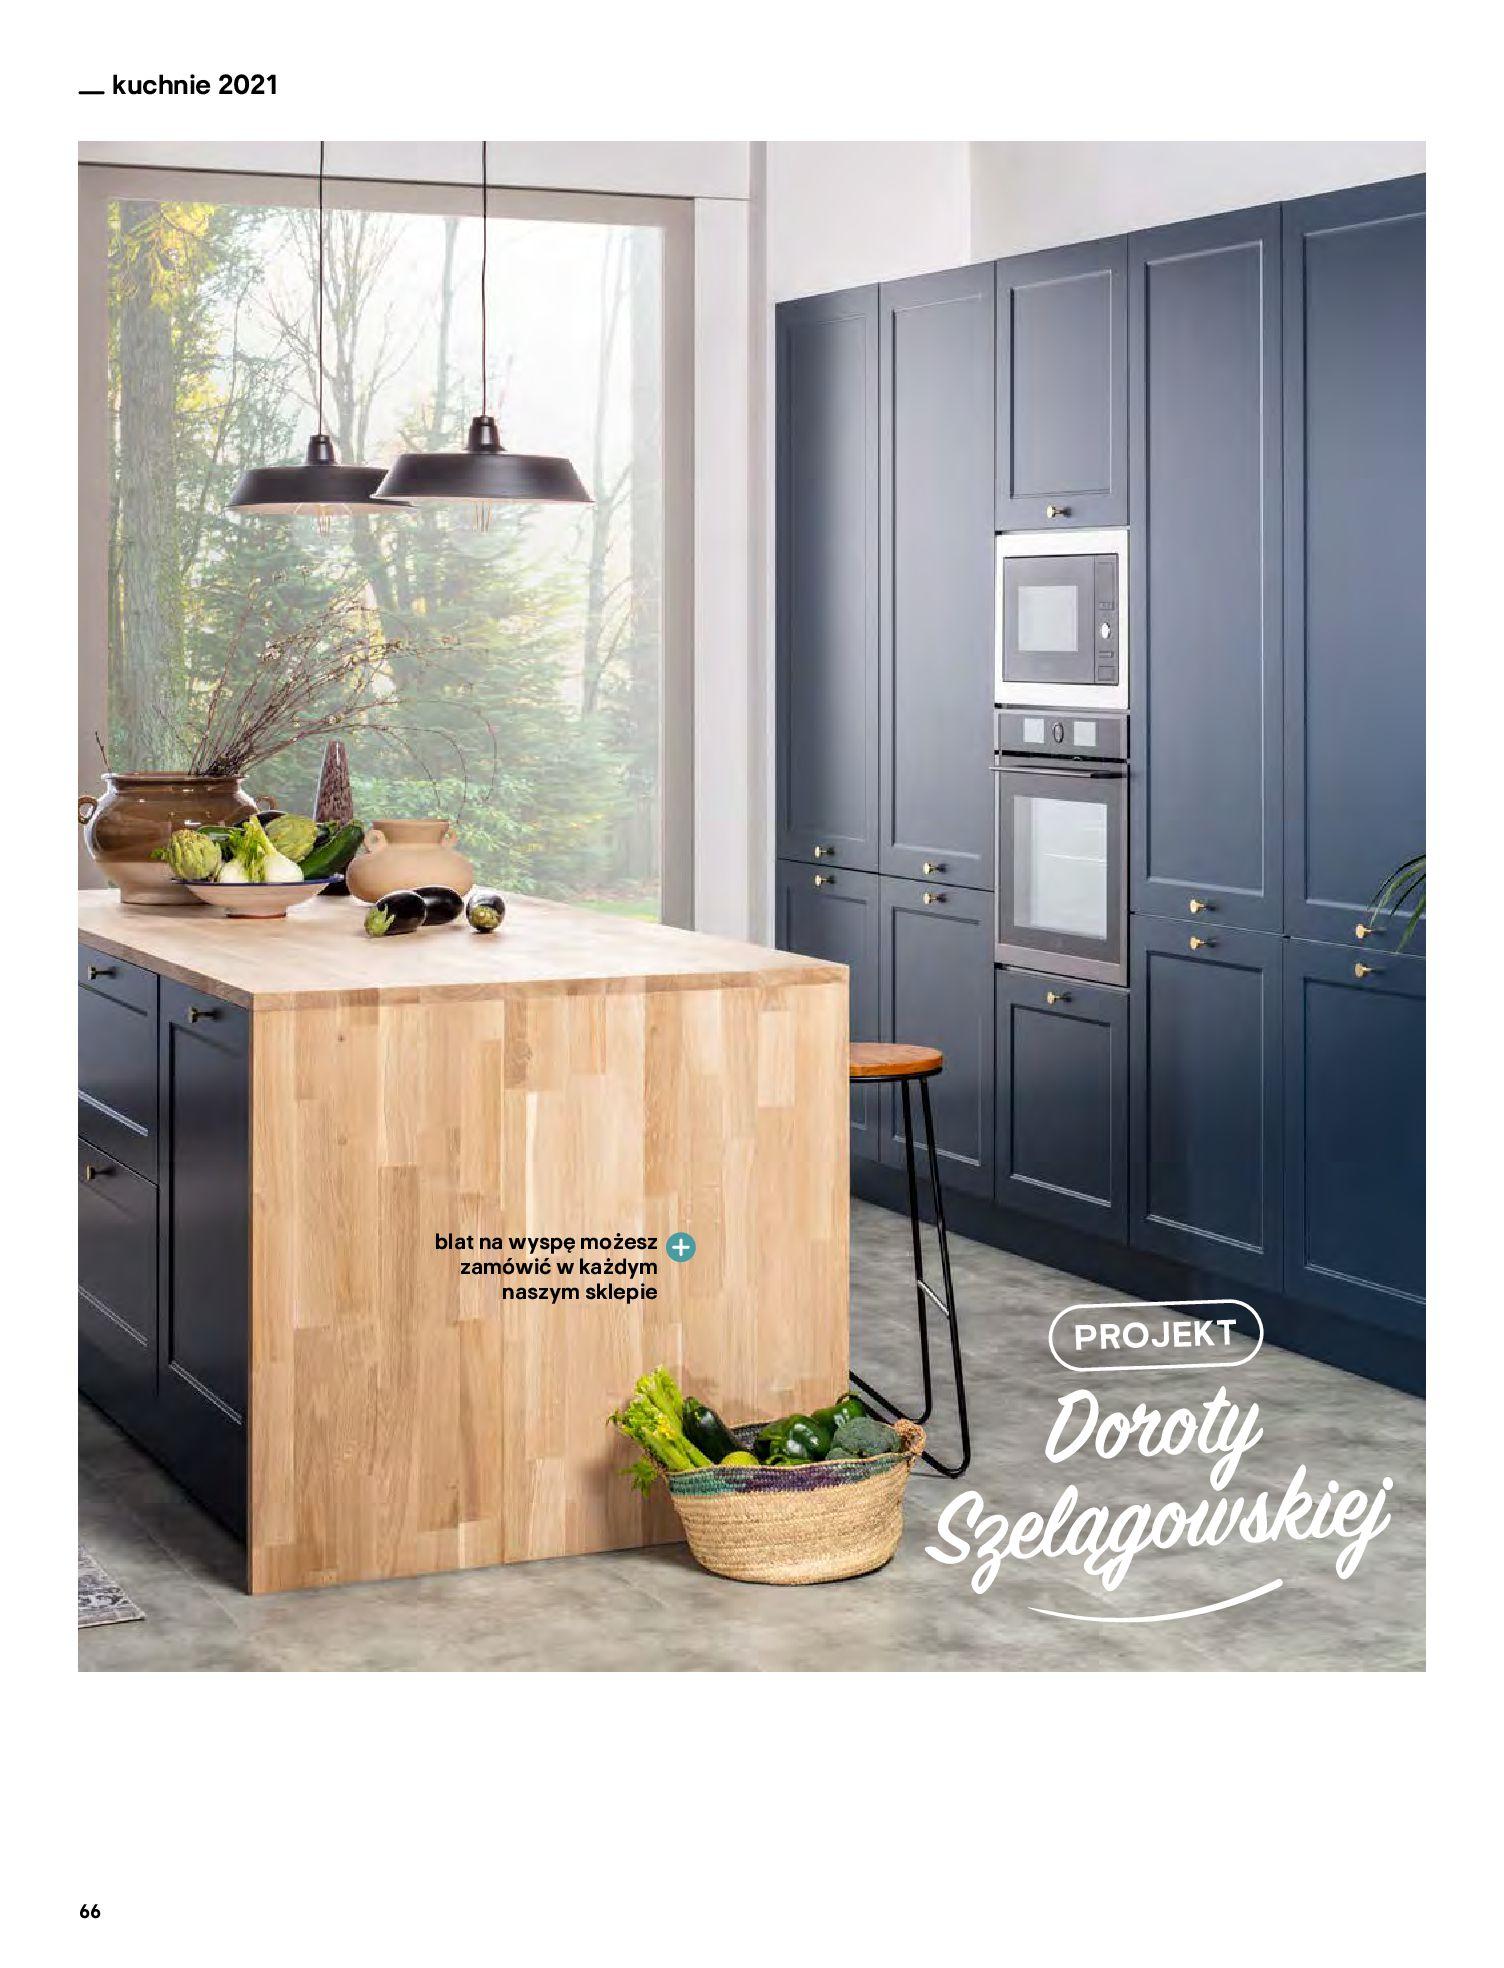 Gazetka Castorama: Katalog kuchnie 2021 2021-05-04 page-66